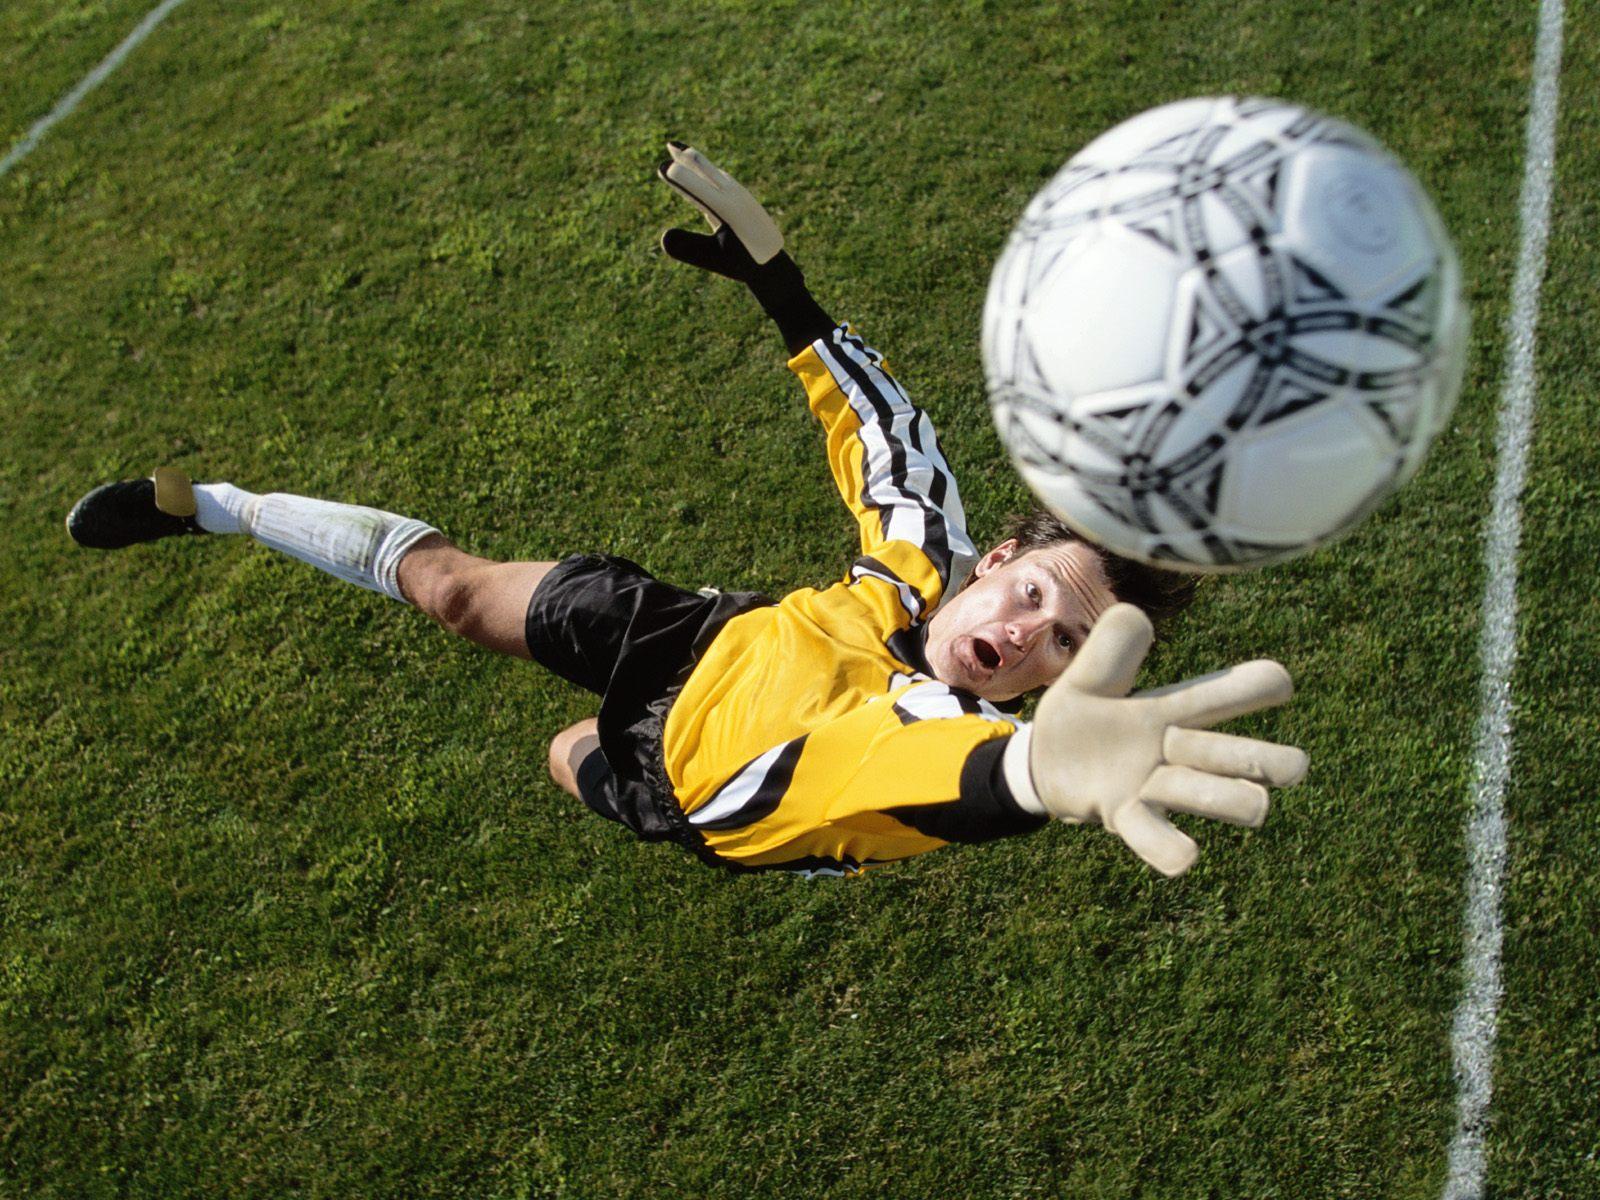 Prikolnye kartinki pro futbol 9